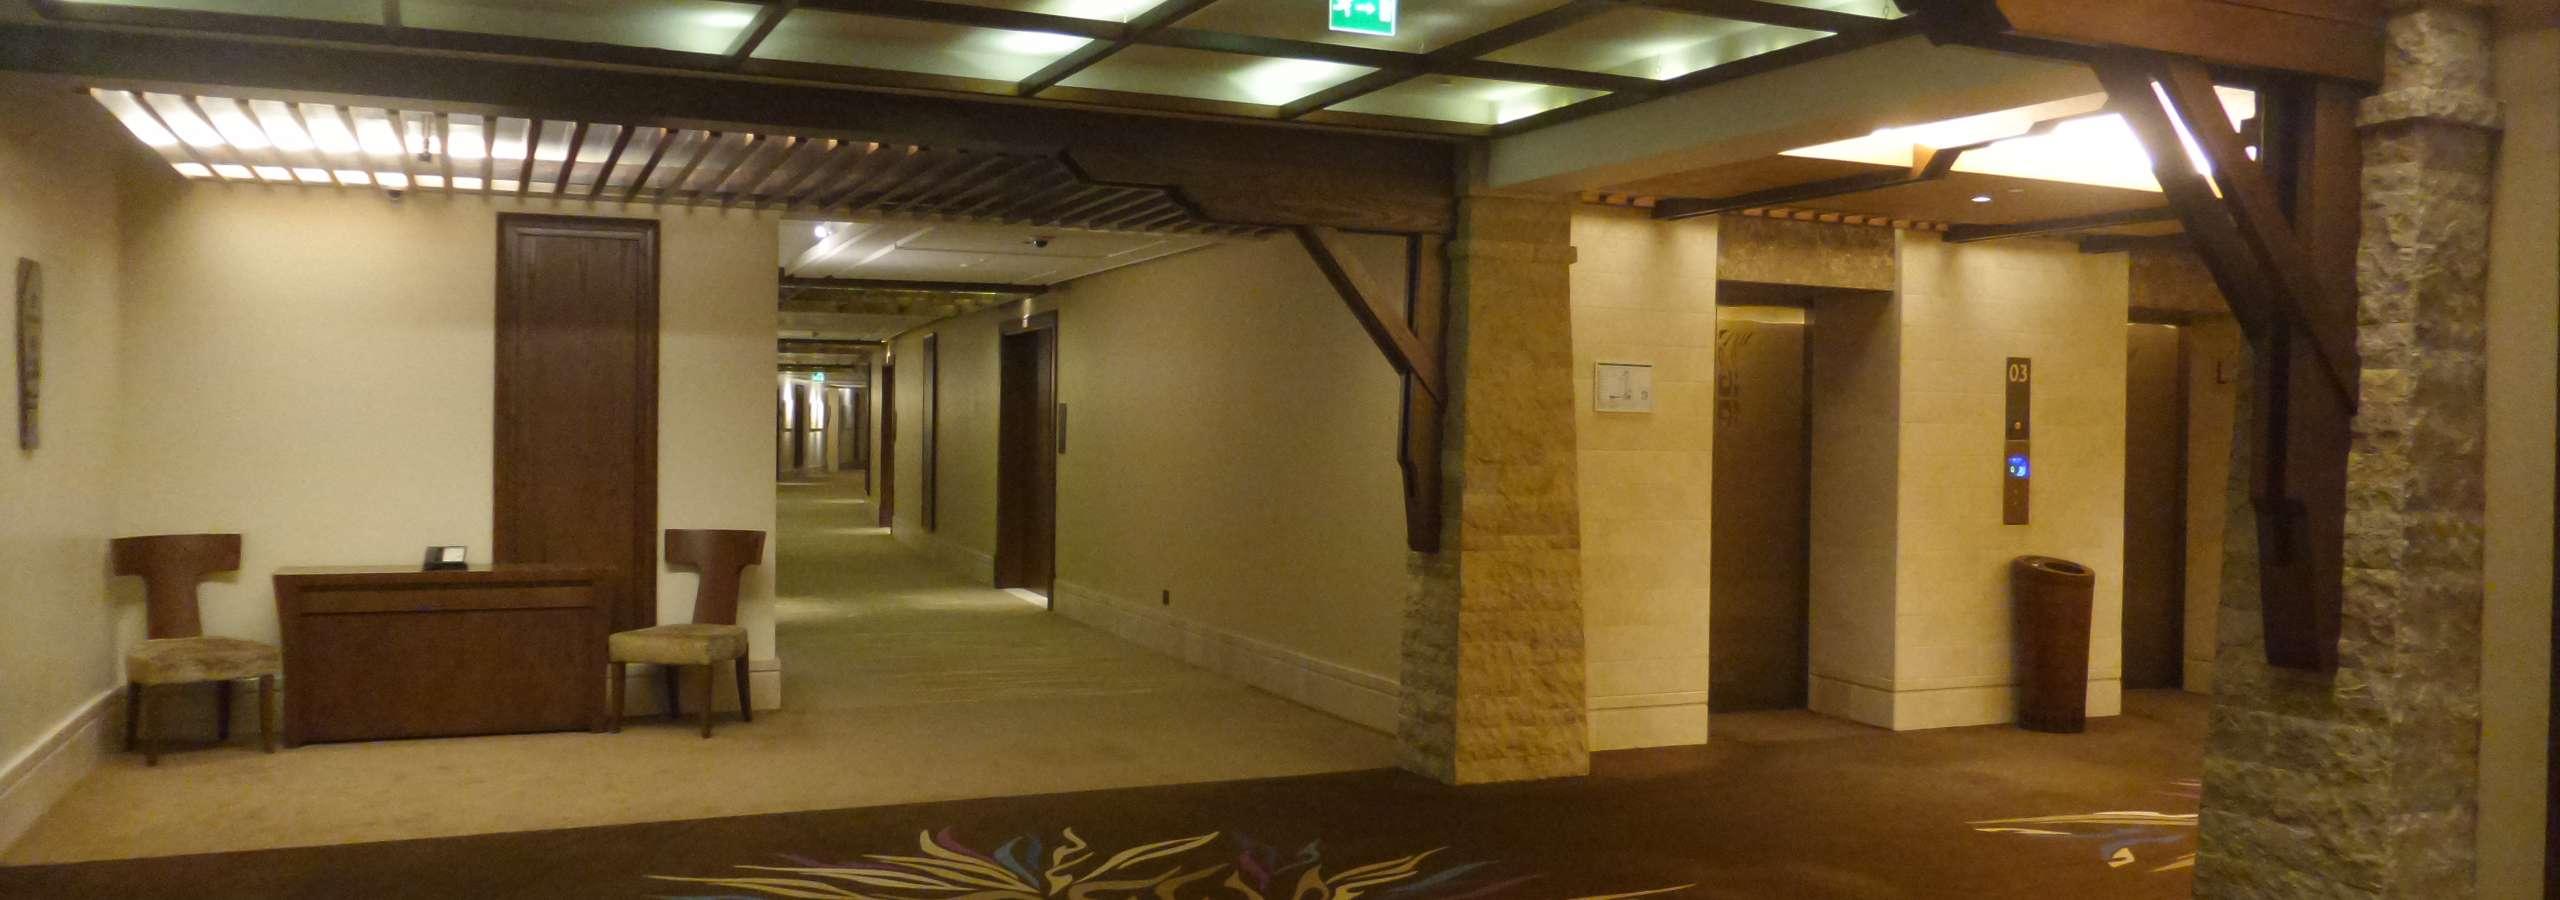 Sofitel Dubai The Palm Resort & Spa, Dubai, U.A.E.